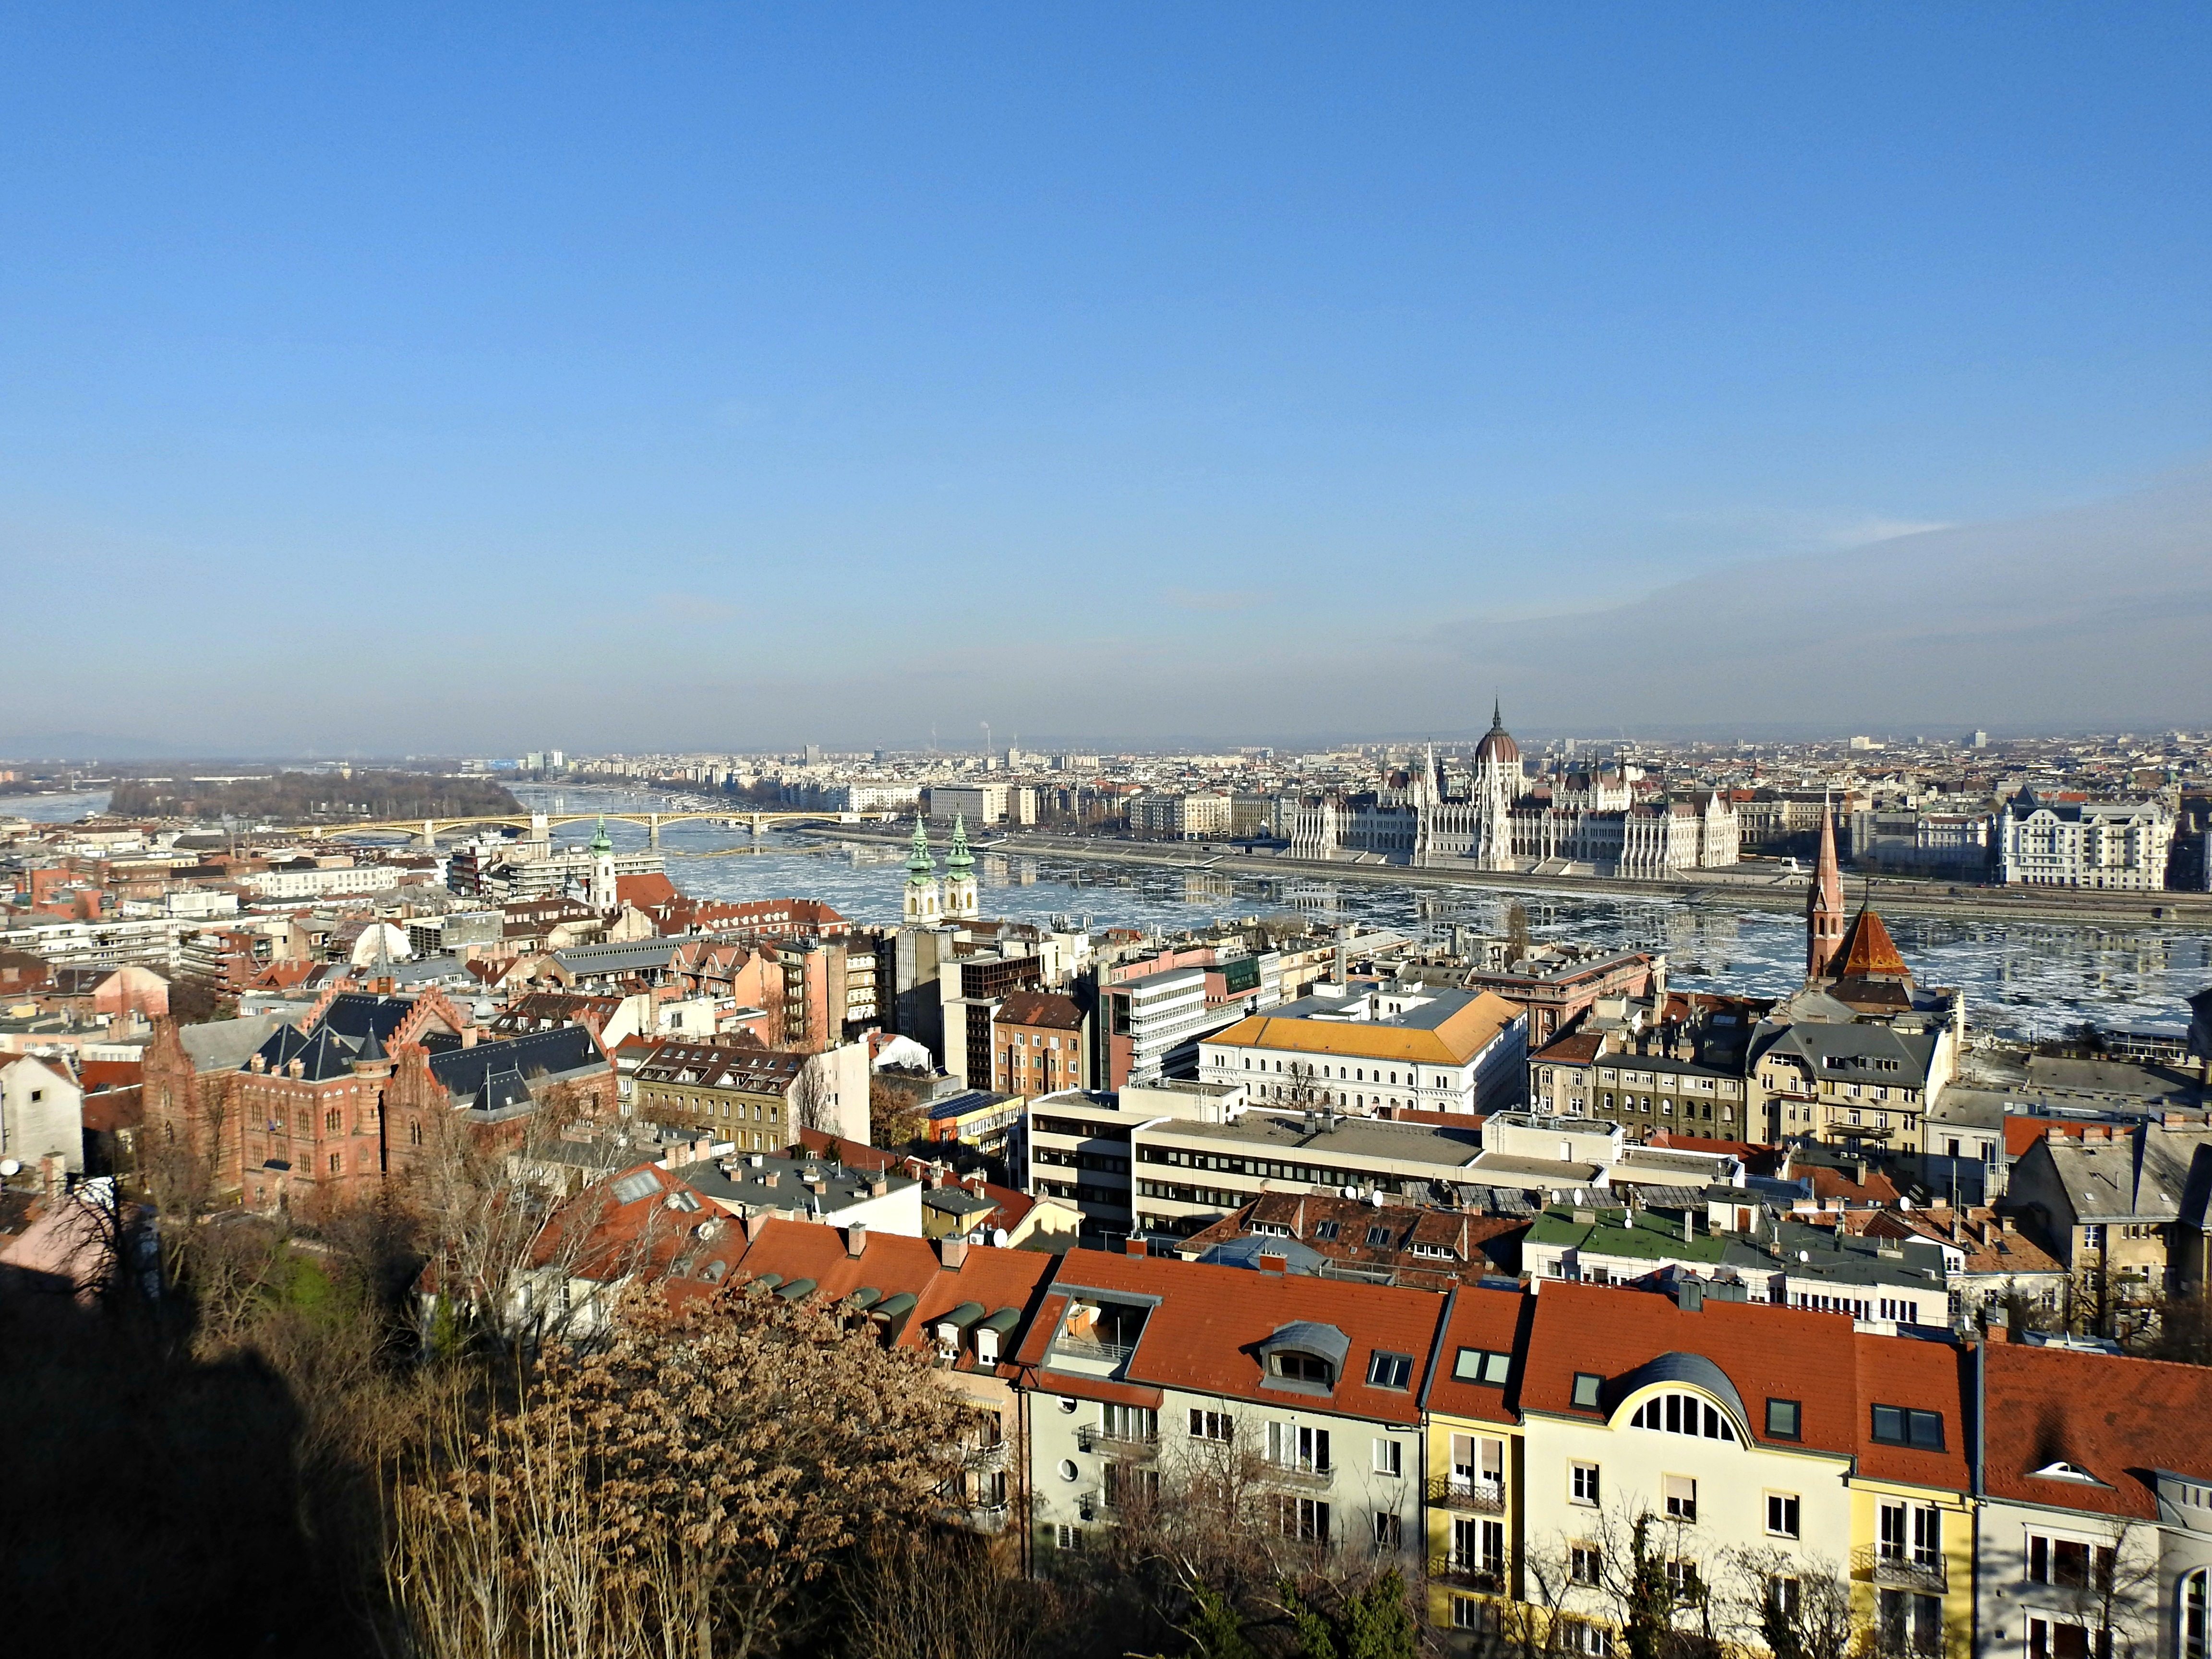 Vistas do Danubio e Budapest dende o Halászbástya